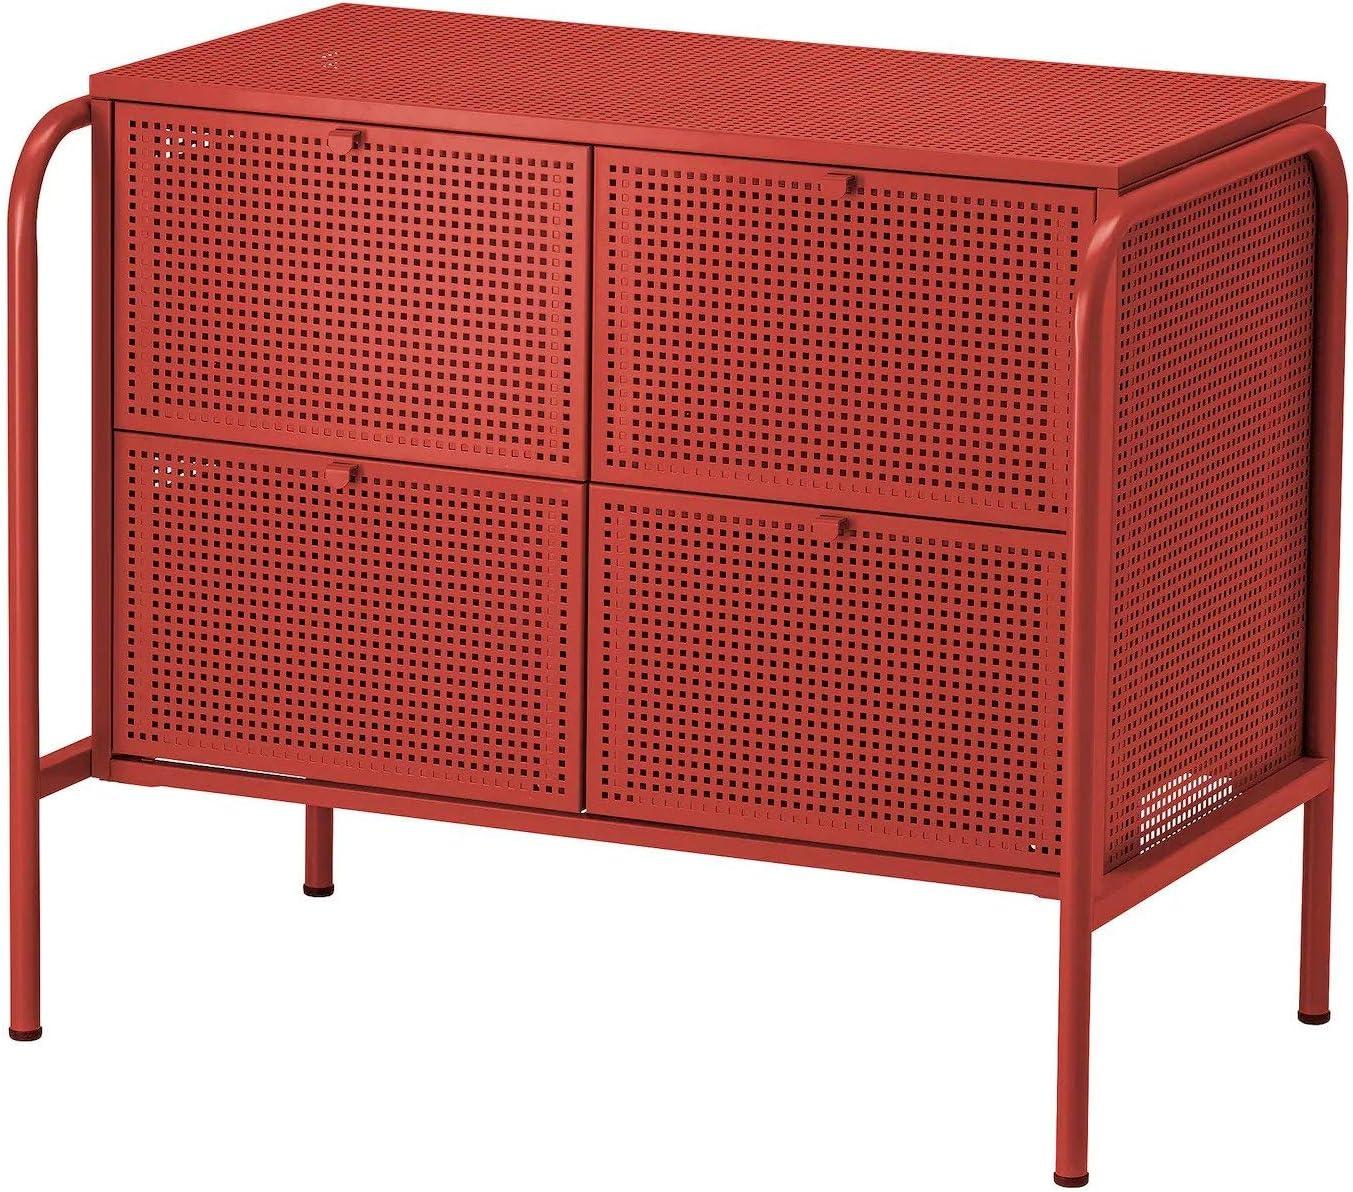 IK IKEA NIKKEBY - Cajonera con 4 cajones, Rojo, 84 x 70 cm: Amazon ...